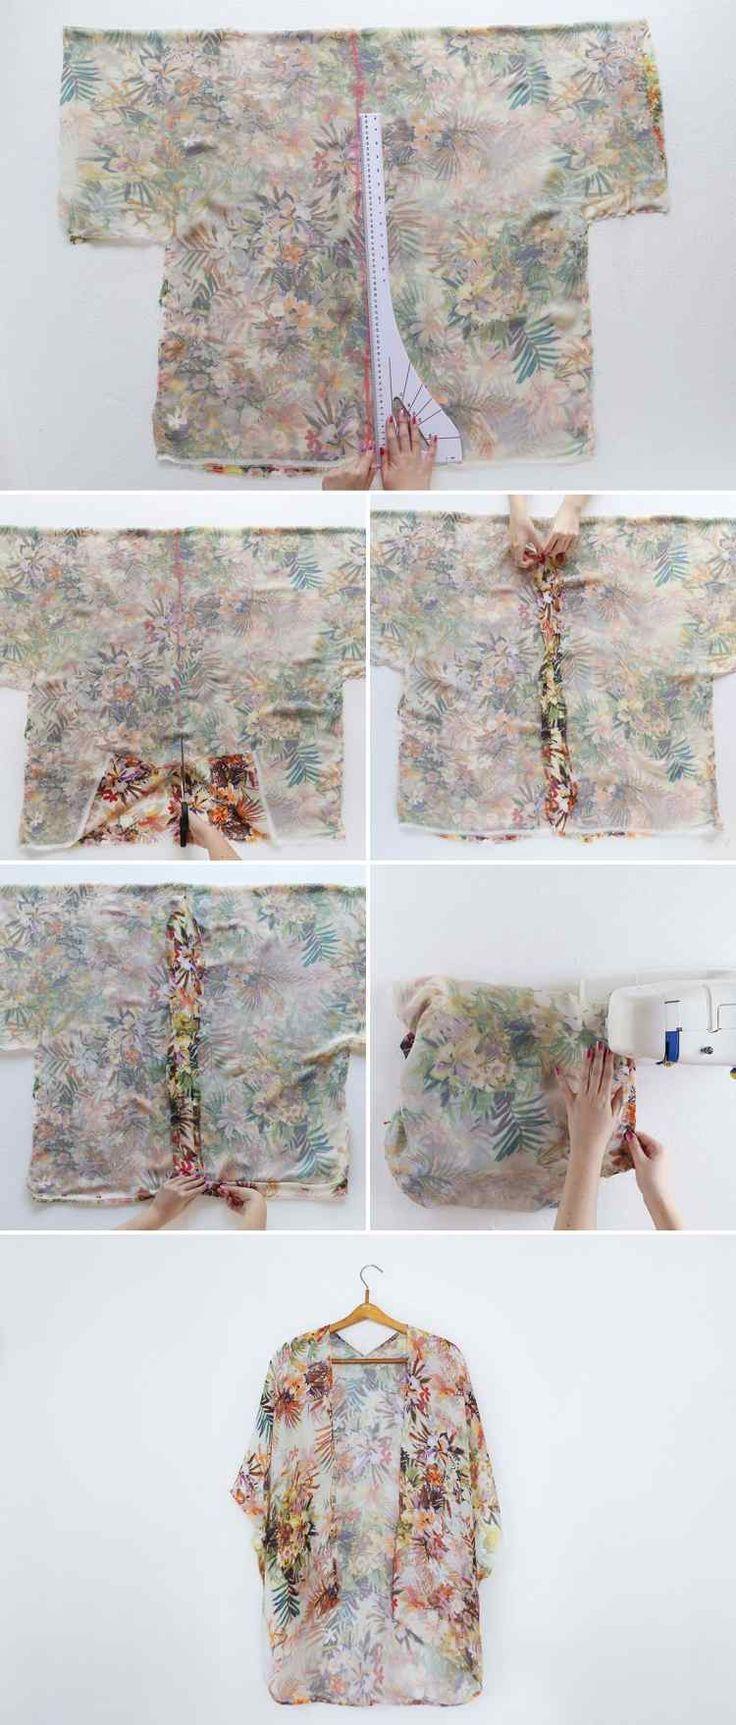 Damen Kimono Jacke: DIY Idee sehr einfach zu machen!